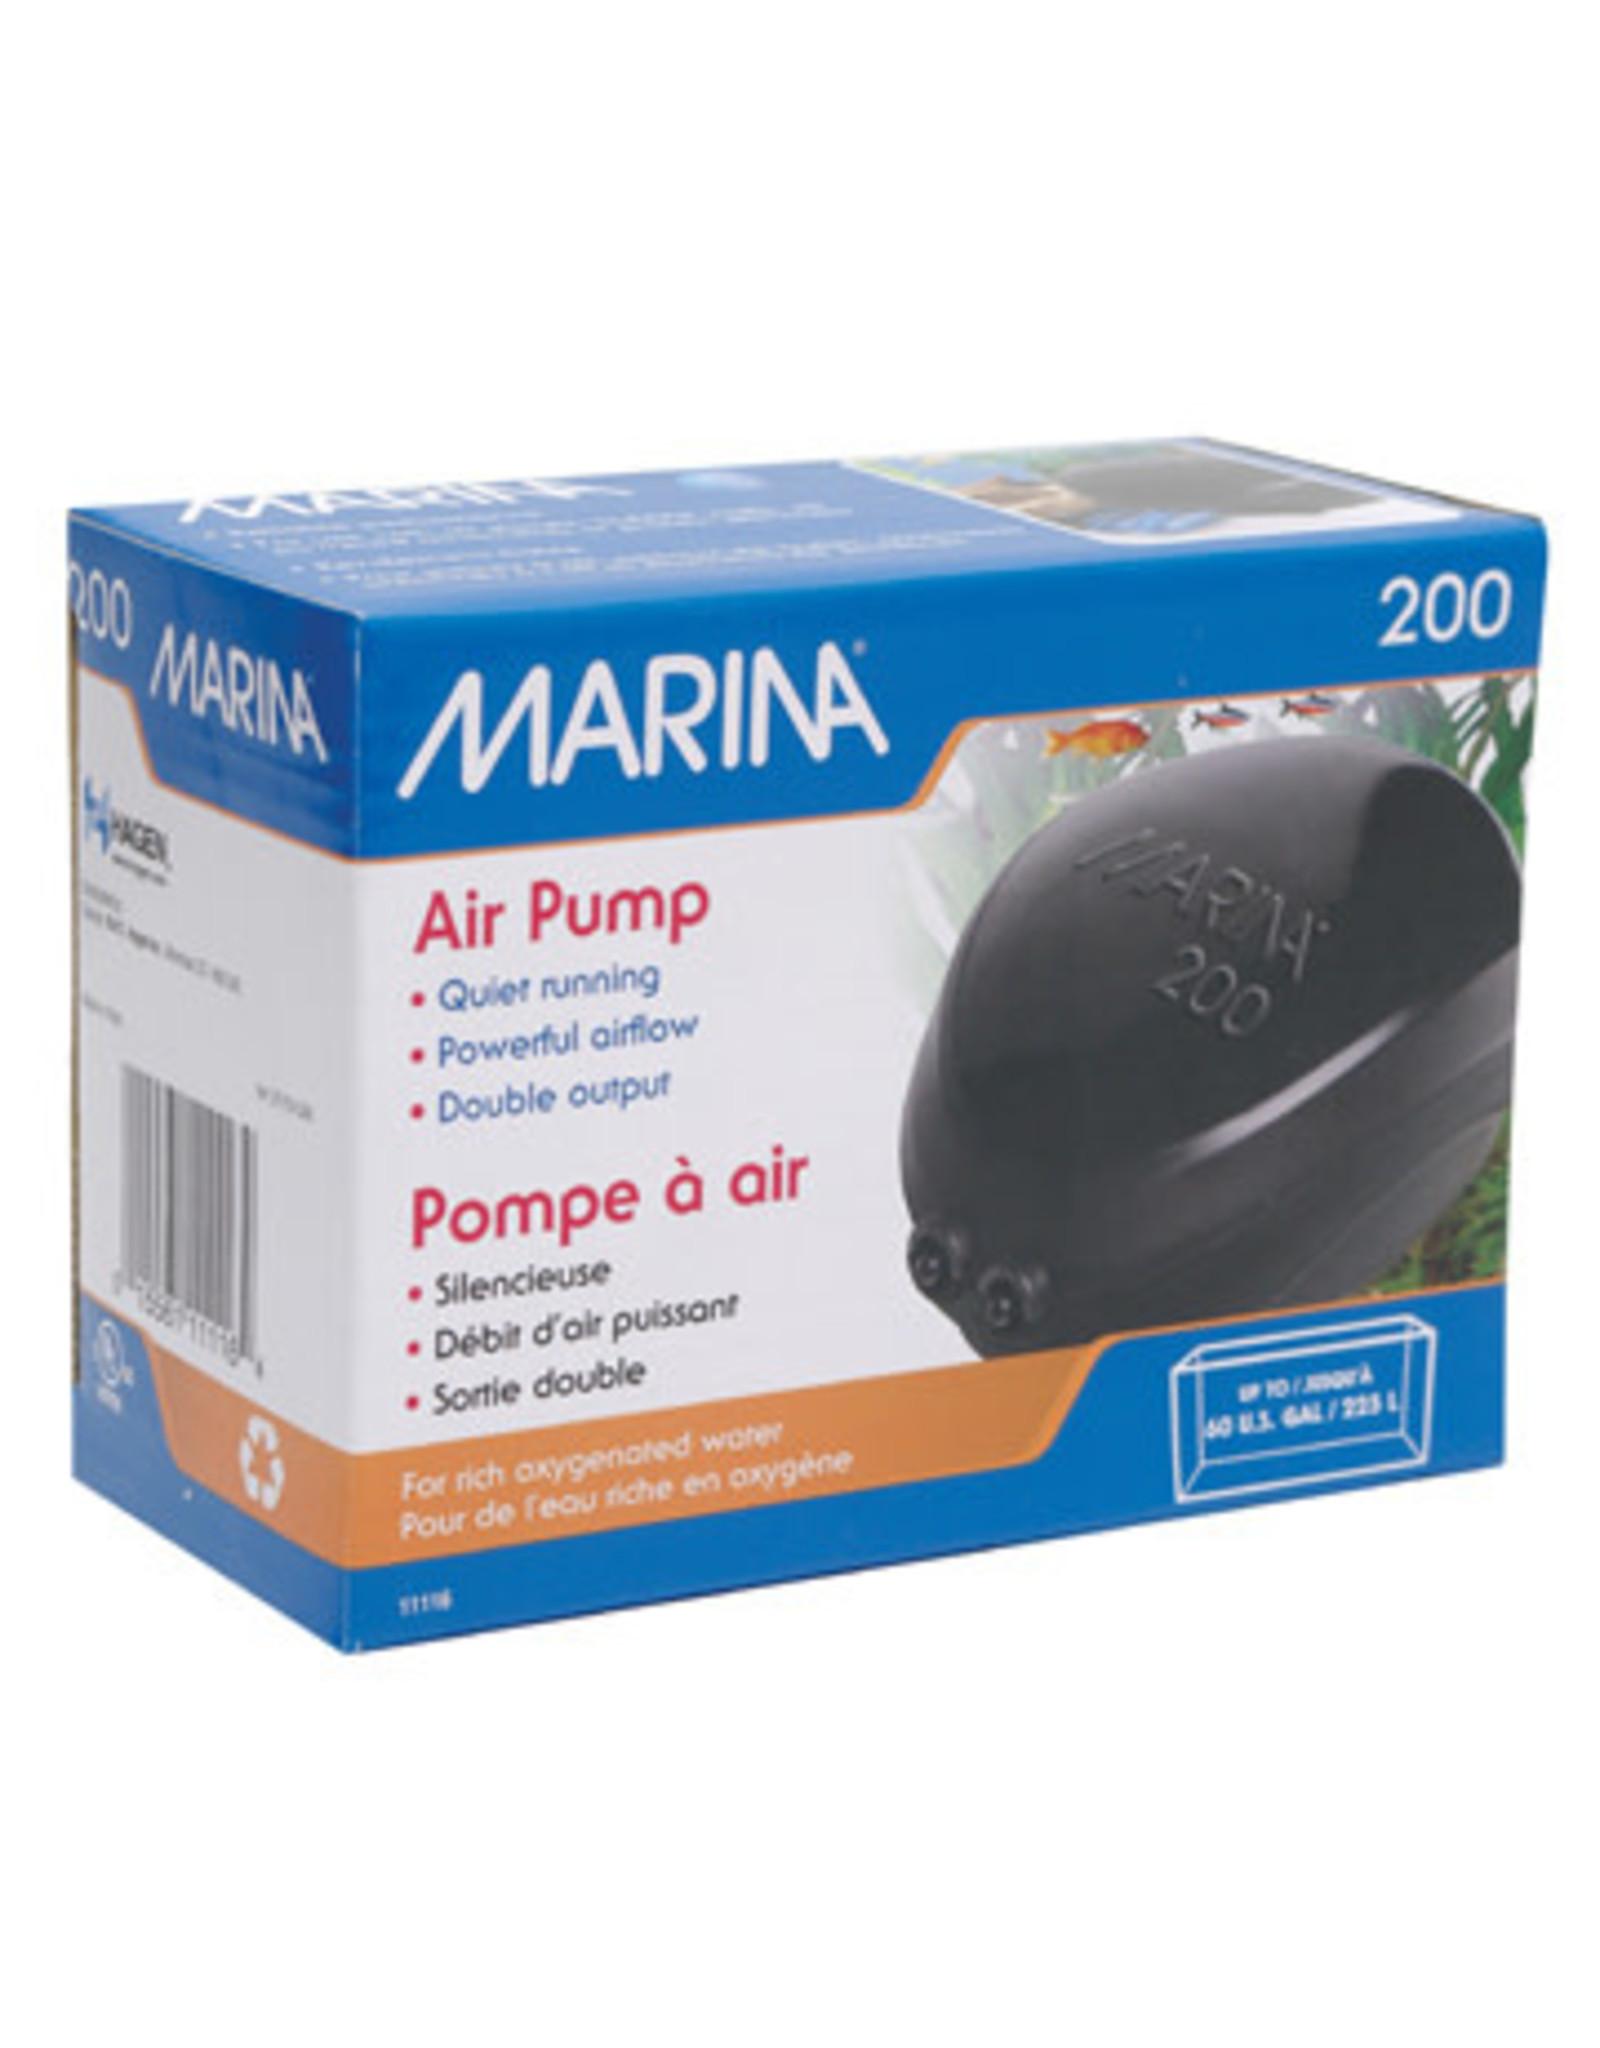 Marina Marina 200 Air pump - 60 US gal (225 L)